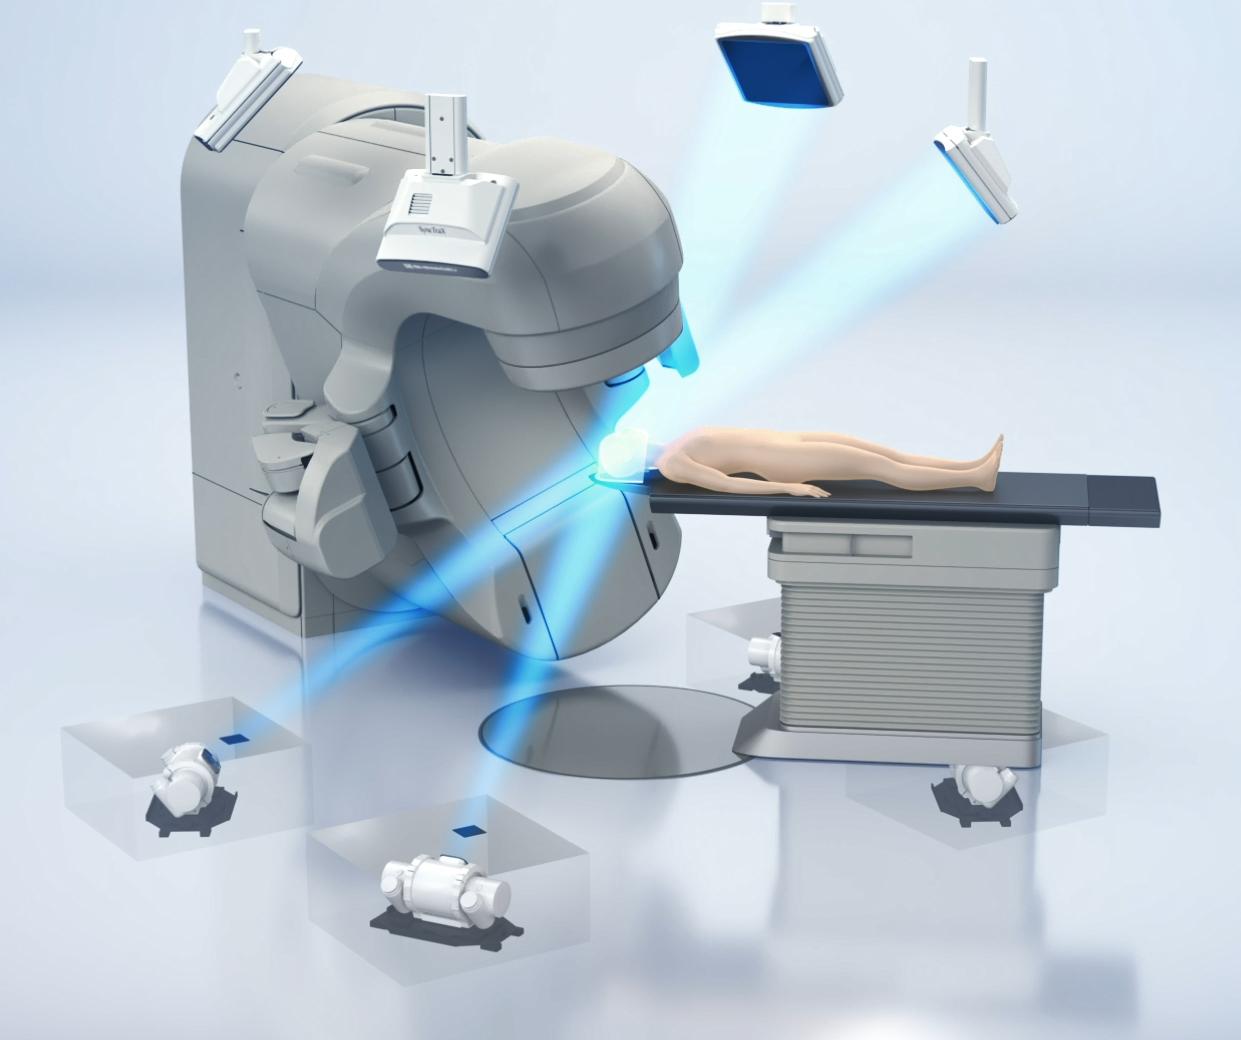 島津製作所/放射線治療支援システム「SyncTraX SMART version(シンクトラックス・スマートバージョン)」を発売